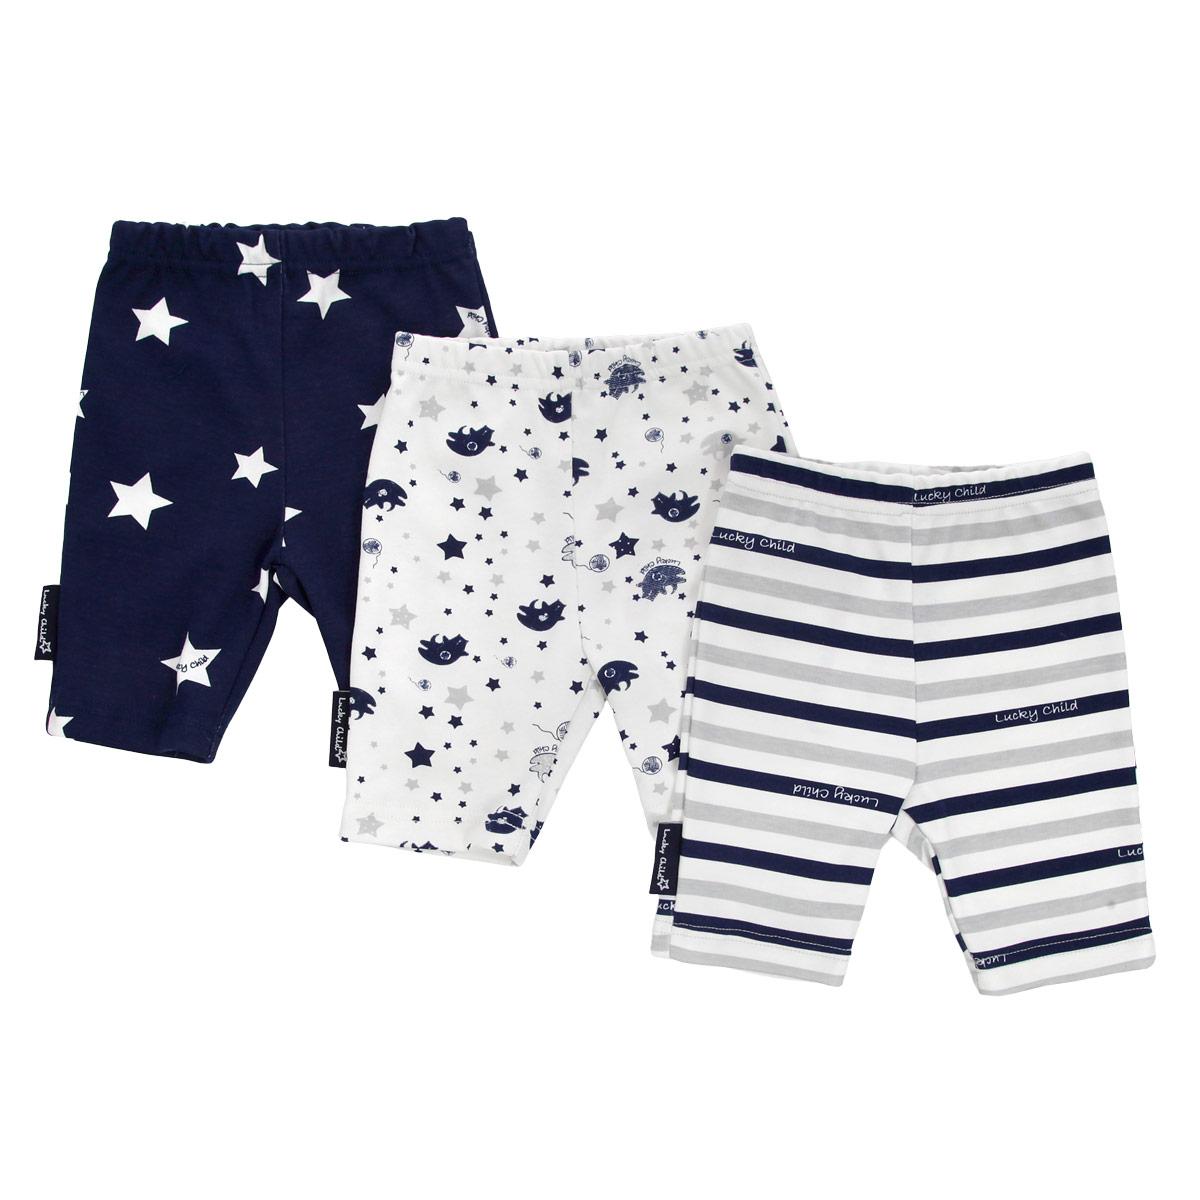 Шорты детские Lucky Child Котики, цвет: синий, белый, серый, 3 шт. 30-160. Размер 92/98